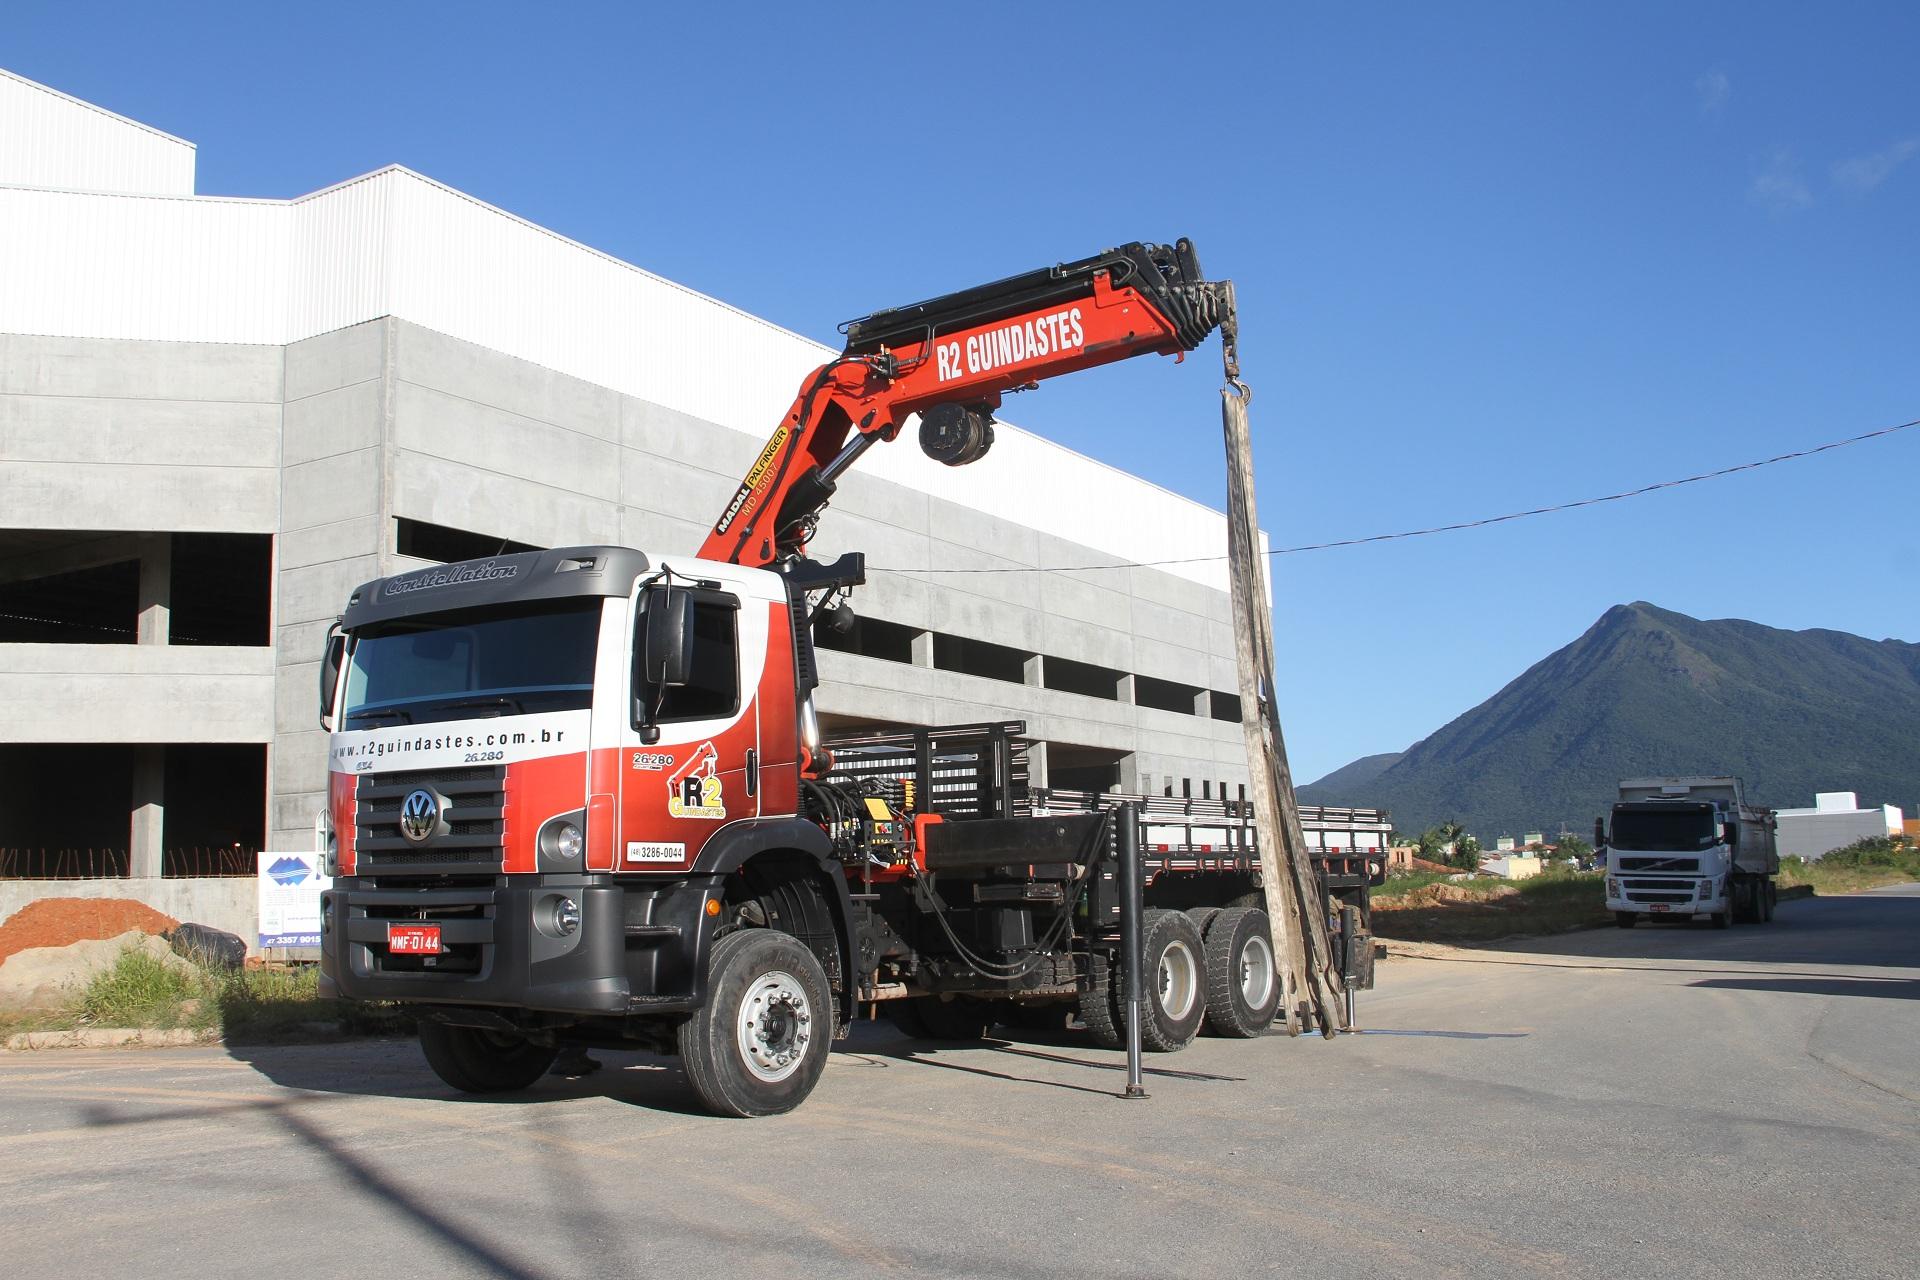 munck md 45 guindaste capacidade 10 toneladas